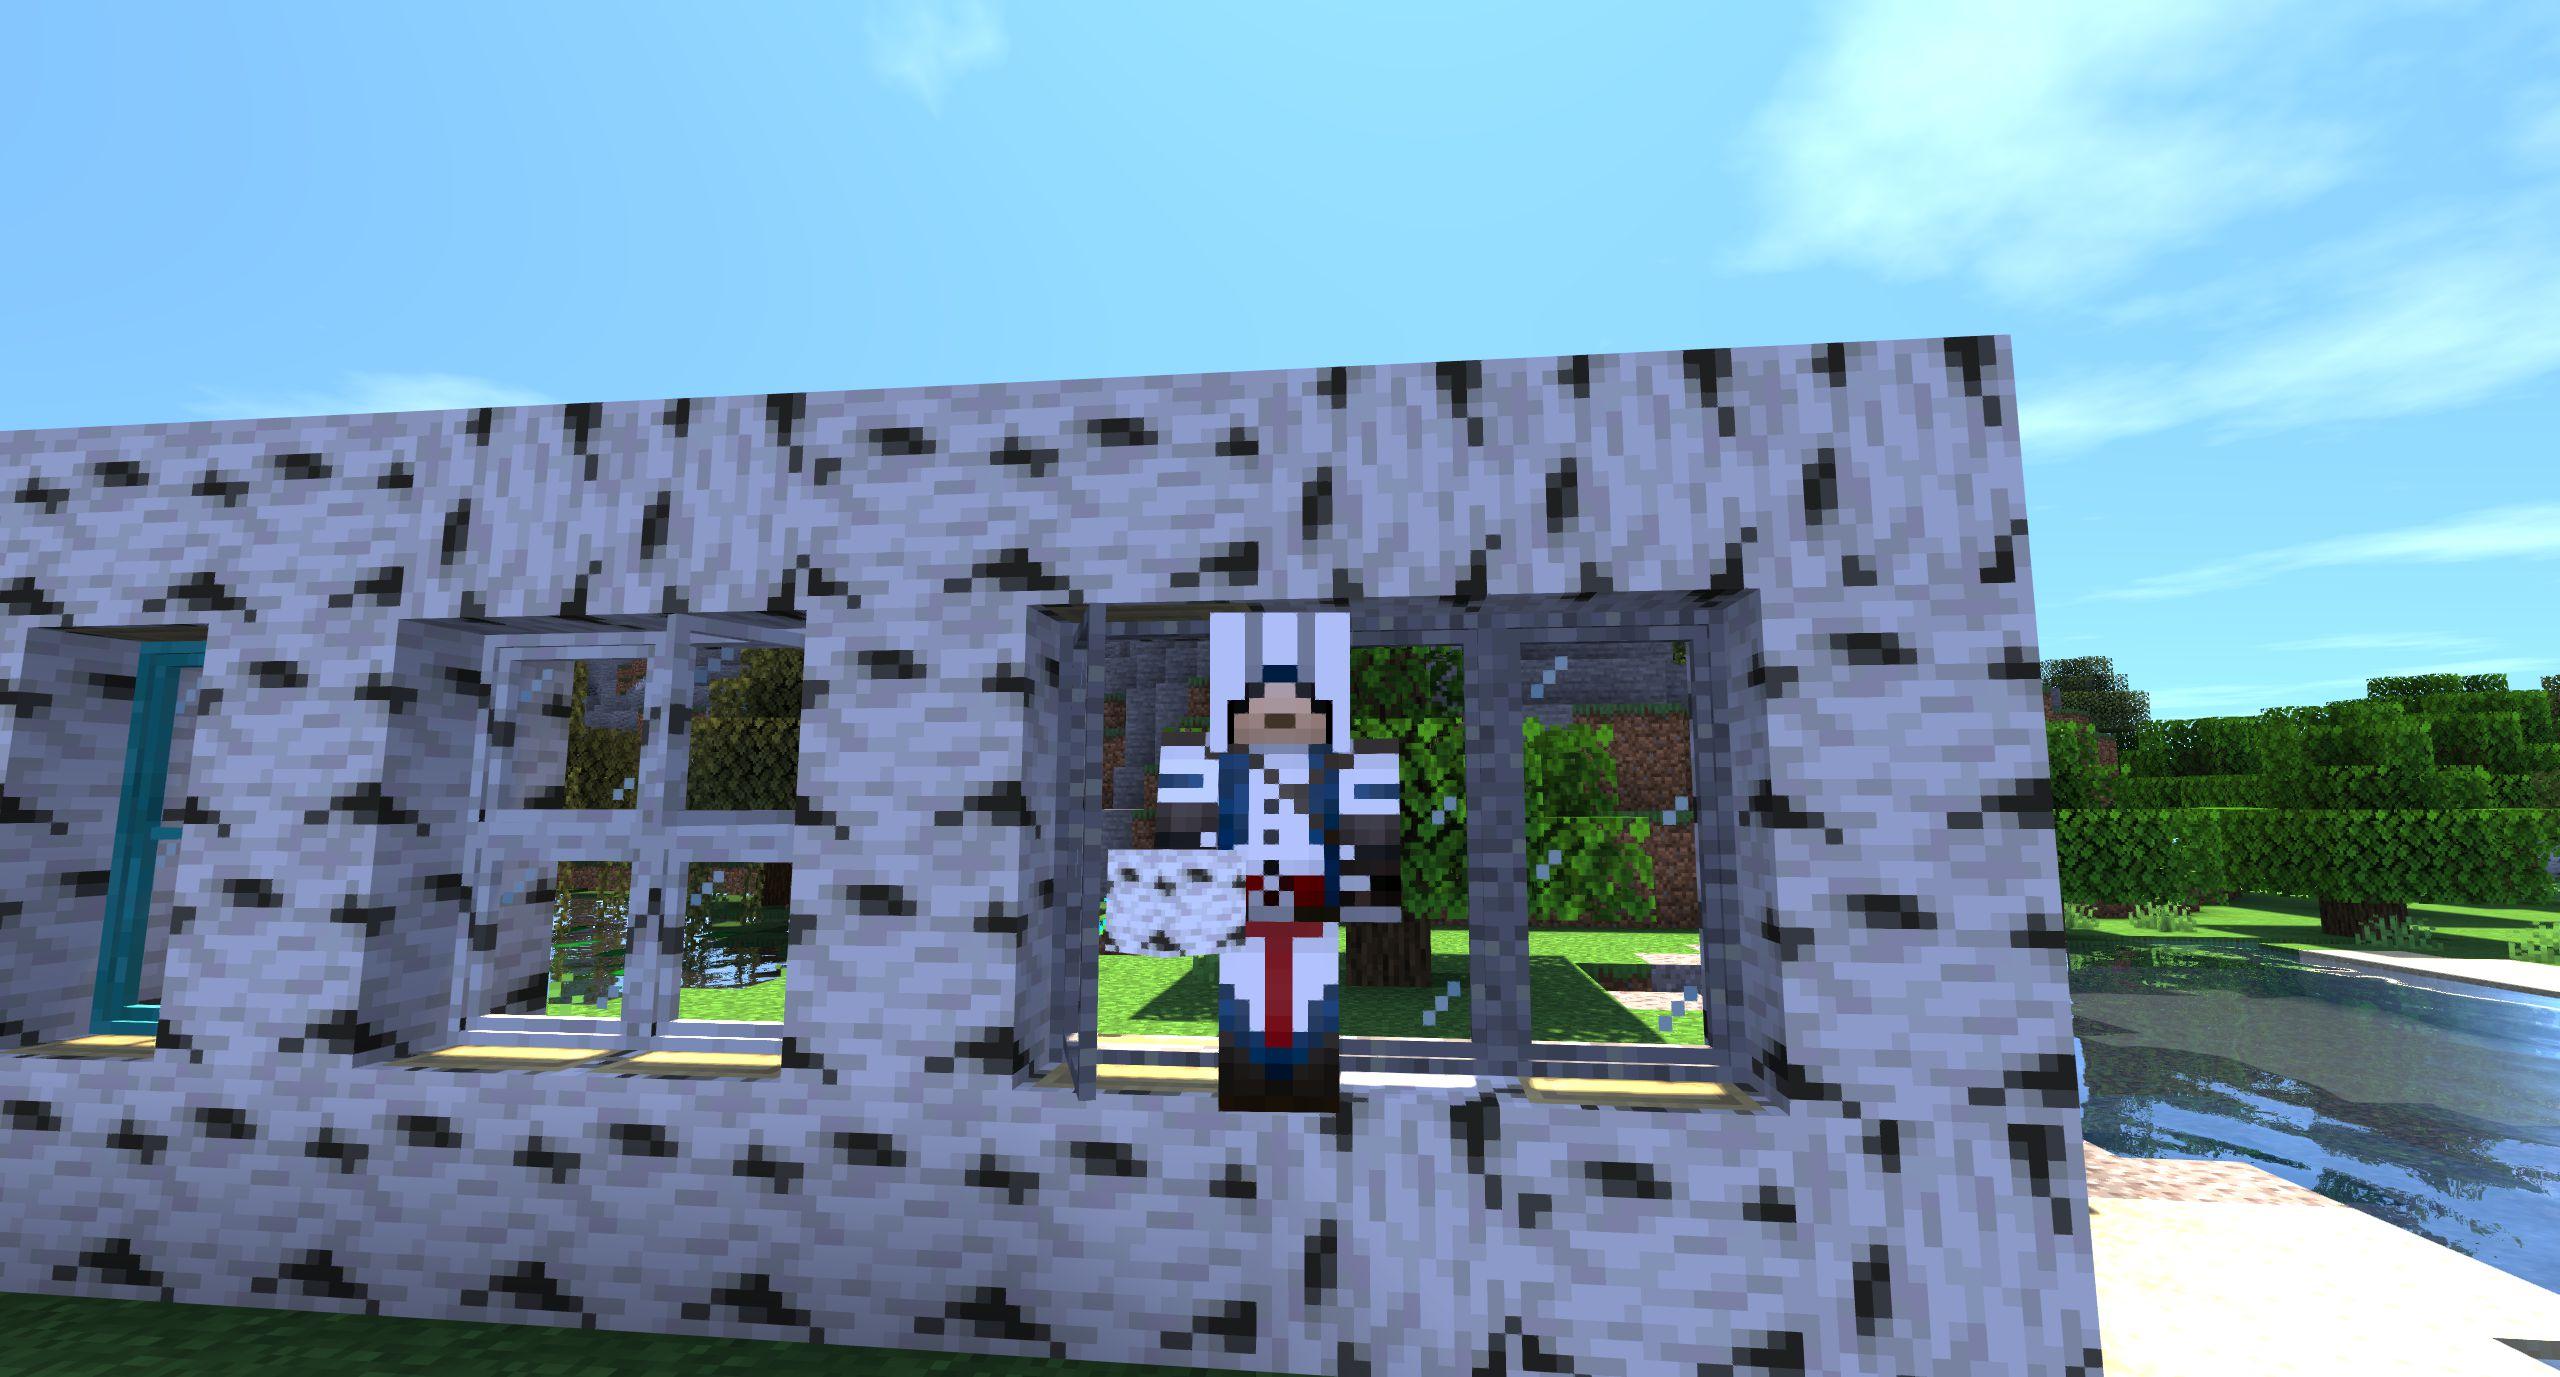 Мод на окна «Macaw's Windows» - скриншот 7